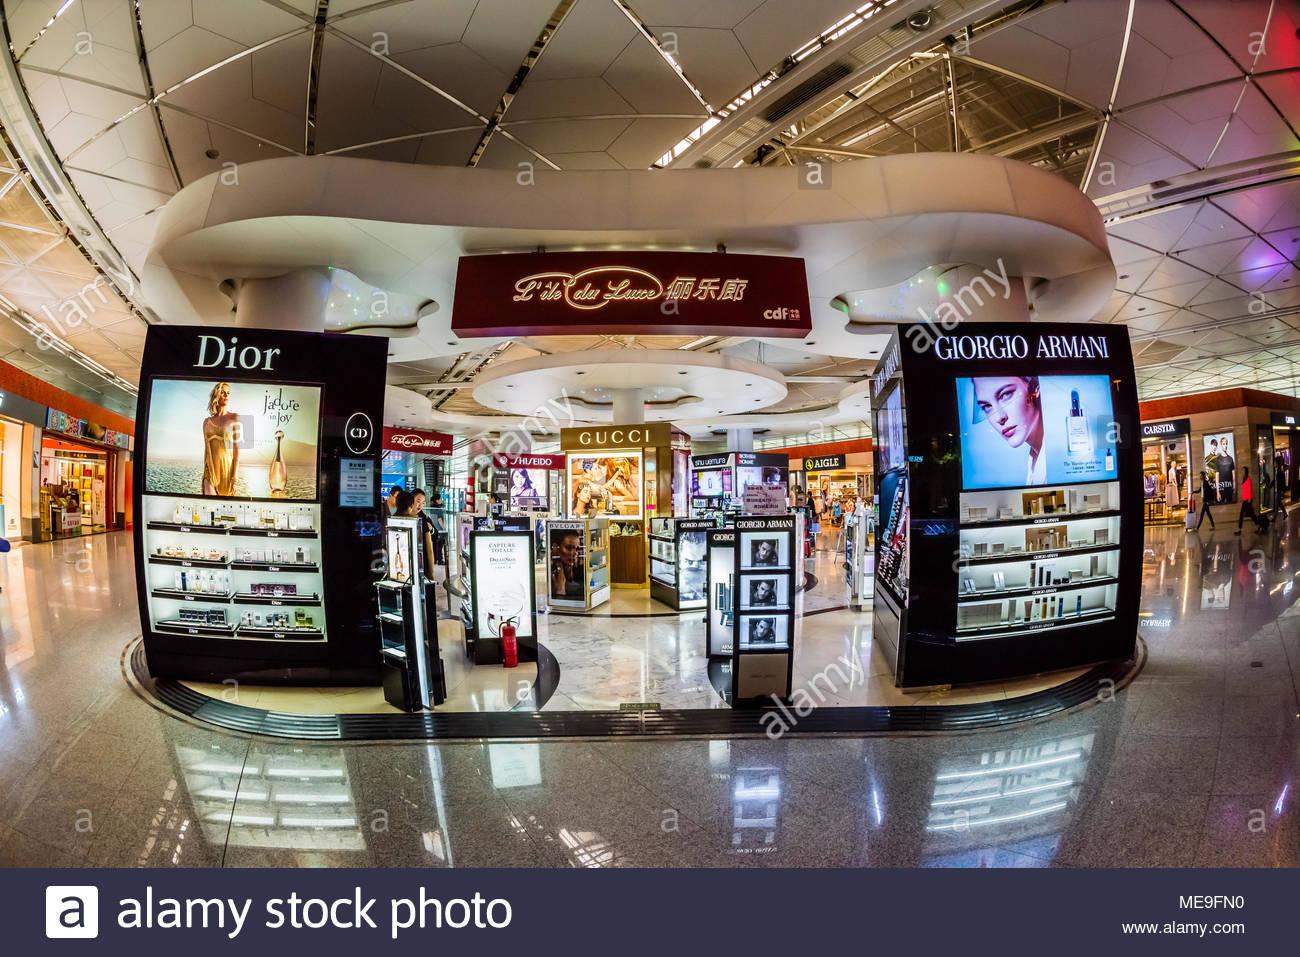 Xian Aeroporto : Lojas francas a xi an xianyang aeroporto internacional xi a